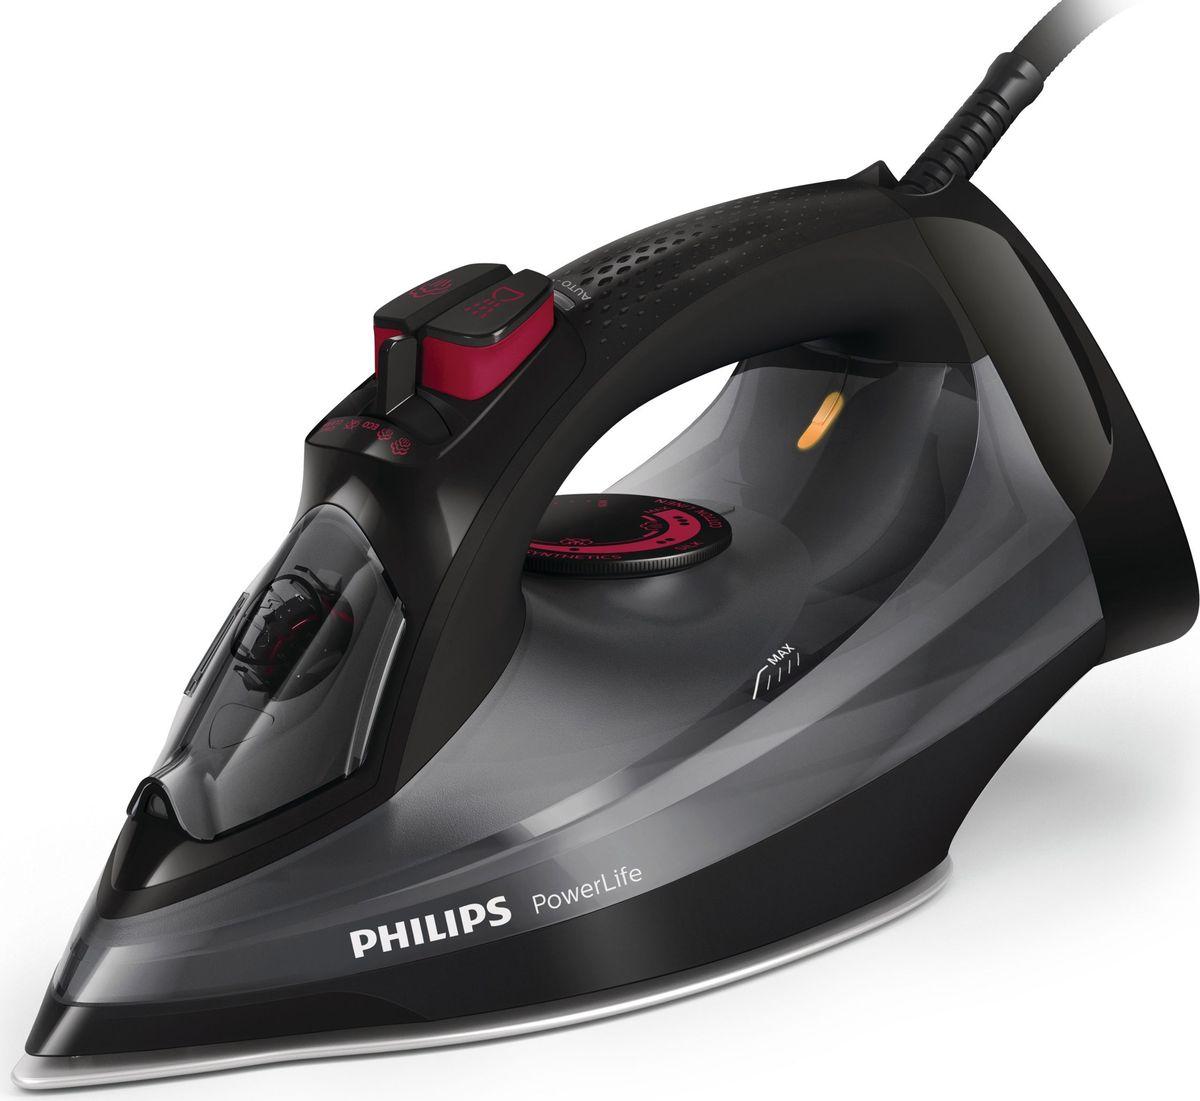 Philips GC2998/80 PowerLife, Black Dark Gray утюгGC2998/80Создан для работы, день за днём. Чтобы результаты глажения радовали вас день за днём, необходим надёжный утюг. Этот высококачественный утюг с подошвой SteamGlide, защищенной от царапин, и встроенной функцией очистки от накипи обеспечивает стабильную мощную подачу пара и долговечность. Подошва SteamGlide прослужит в 4 раза дольше по сравнению с обычной антипригарной подошвой.Быстрое и мощное разглаживание складок:2400 Вт для быстрого нагреваПаровой удар до 170 г для легкого разглаживания жестких складокПодача пара до 45 г/мин для лучшего разглаживания складокВертикальное отпаривание для удаления складокВысококачественная подошва SteamGlide с защитой от царапинУтюг автоматически выключается, если оставлен без присмотраСистема капля-стоп предотвращает протекание воды на одежду